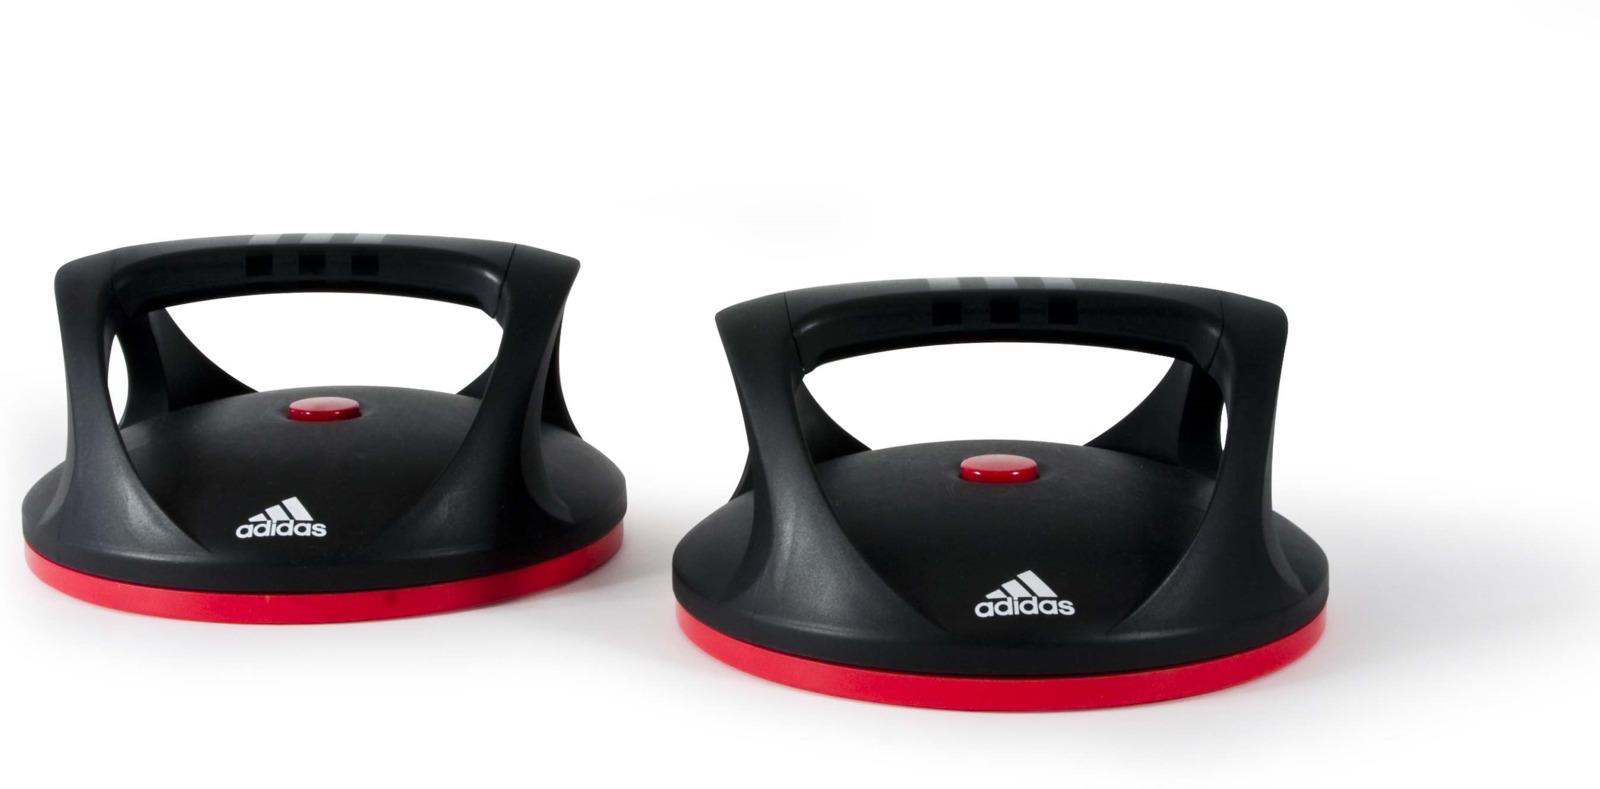 Упоры для отжиманий Adidas, поворотные, 2 шт цена и фото